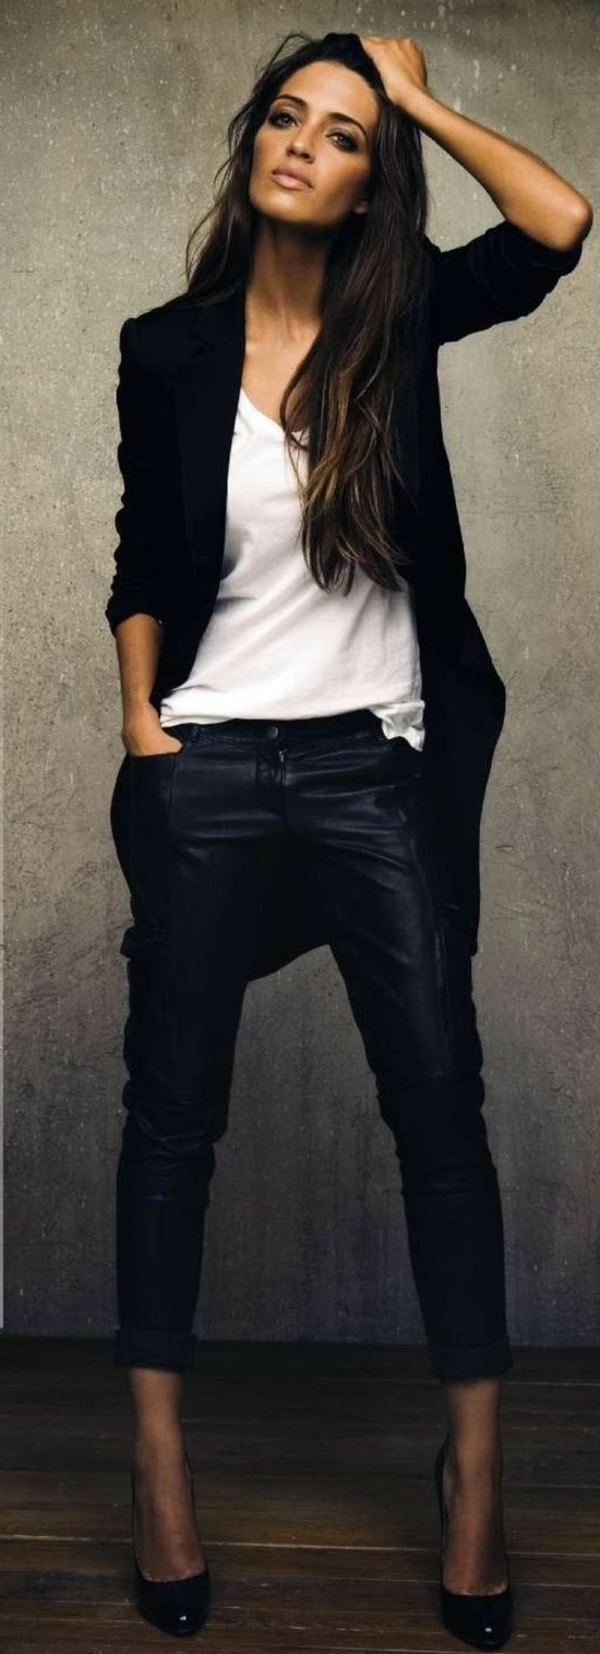 styling-für-lange-haare-schick-aussehende-frau-mit-kleidung-in-schwarz-und-weiß